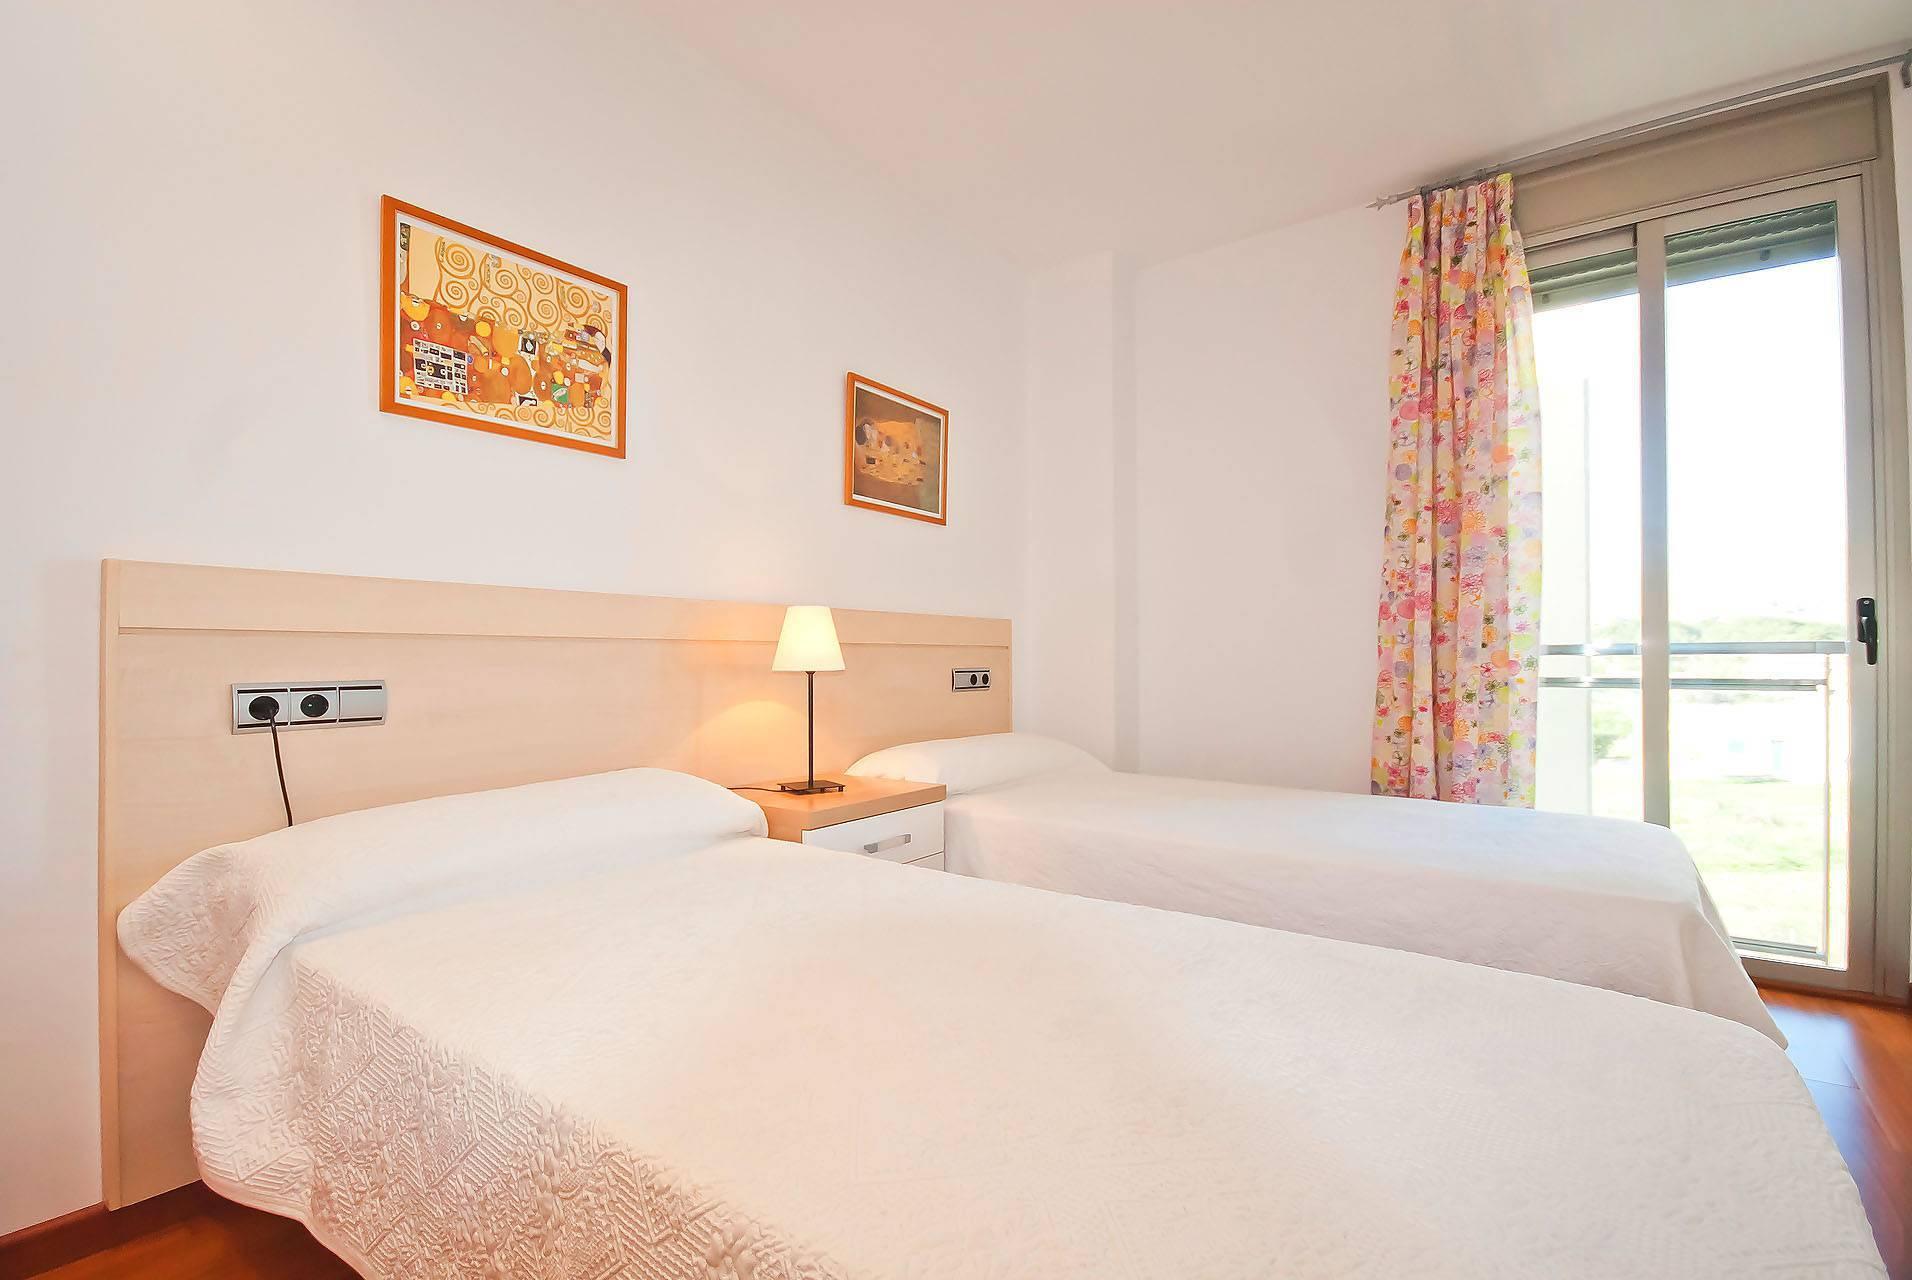 01-203 Luxus Ferienwohnung Mallorca Norden Bild 17